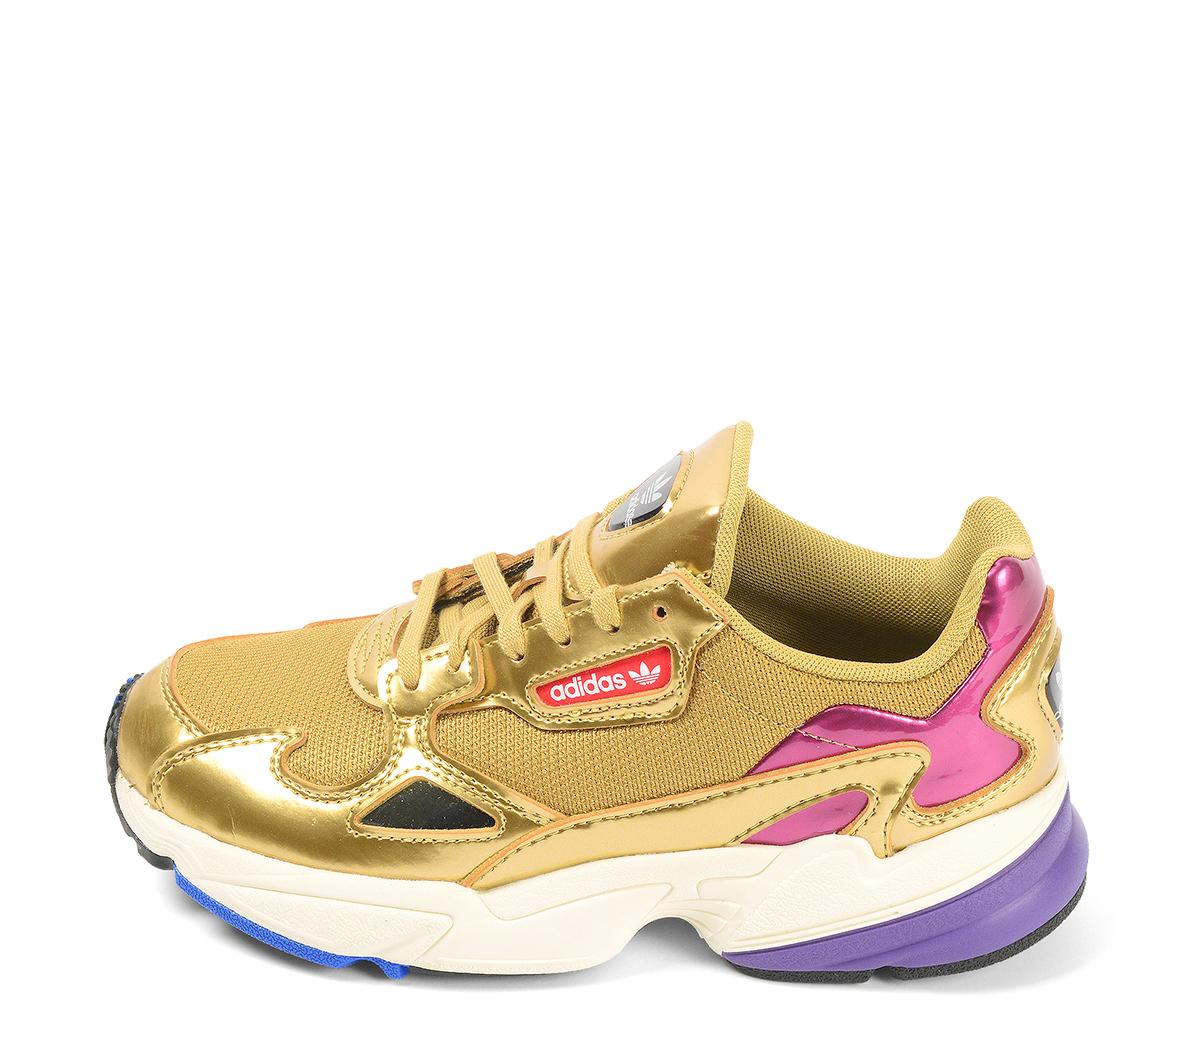 Ref. 4230 Adidas Falcon W combinada tela y piel oro. Detalles en rosa y lila. Cordones dorados.